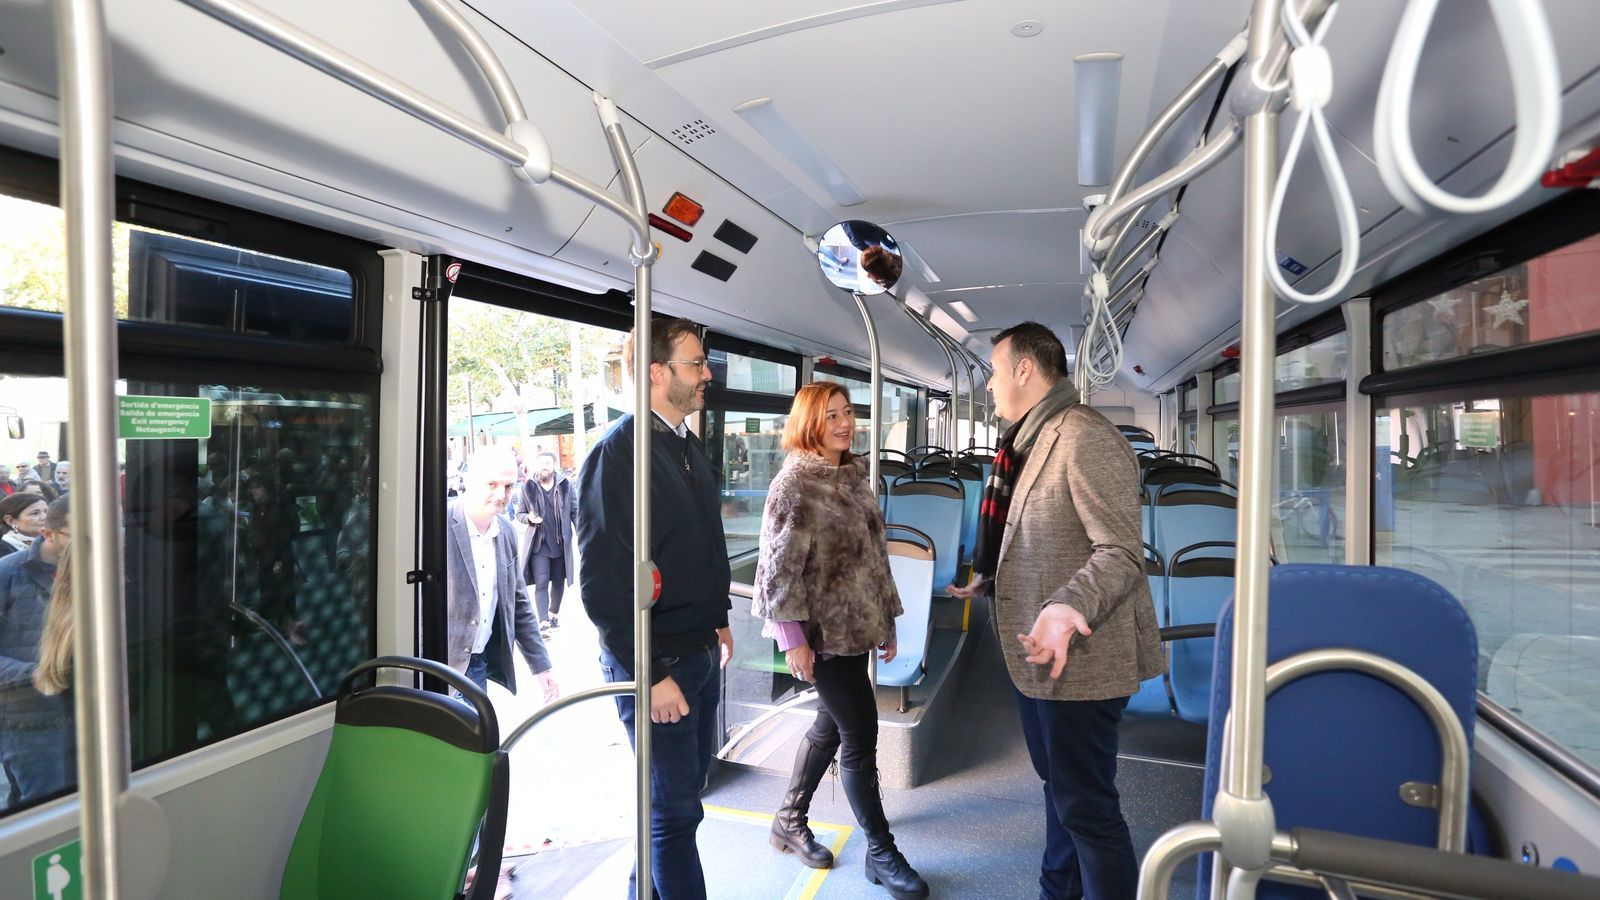 La presidenta del Govern, Francina Armengol, amb el batle Josés Hila i el regidor de Mobilitat de Palma, Xisco Dalmau